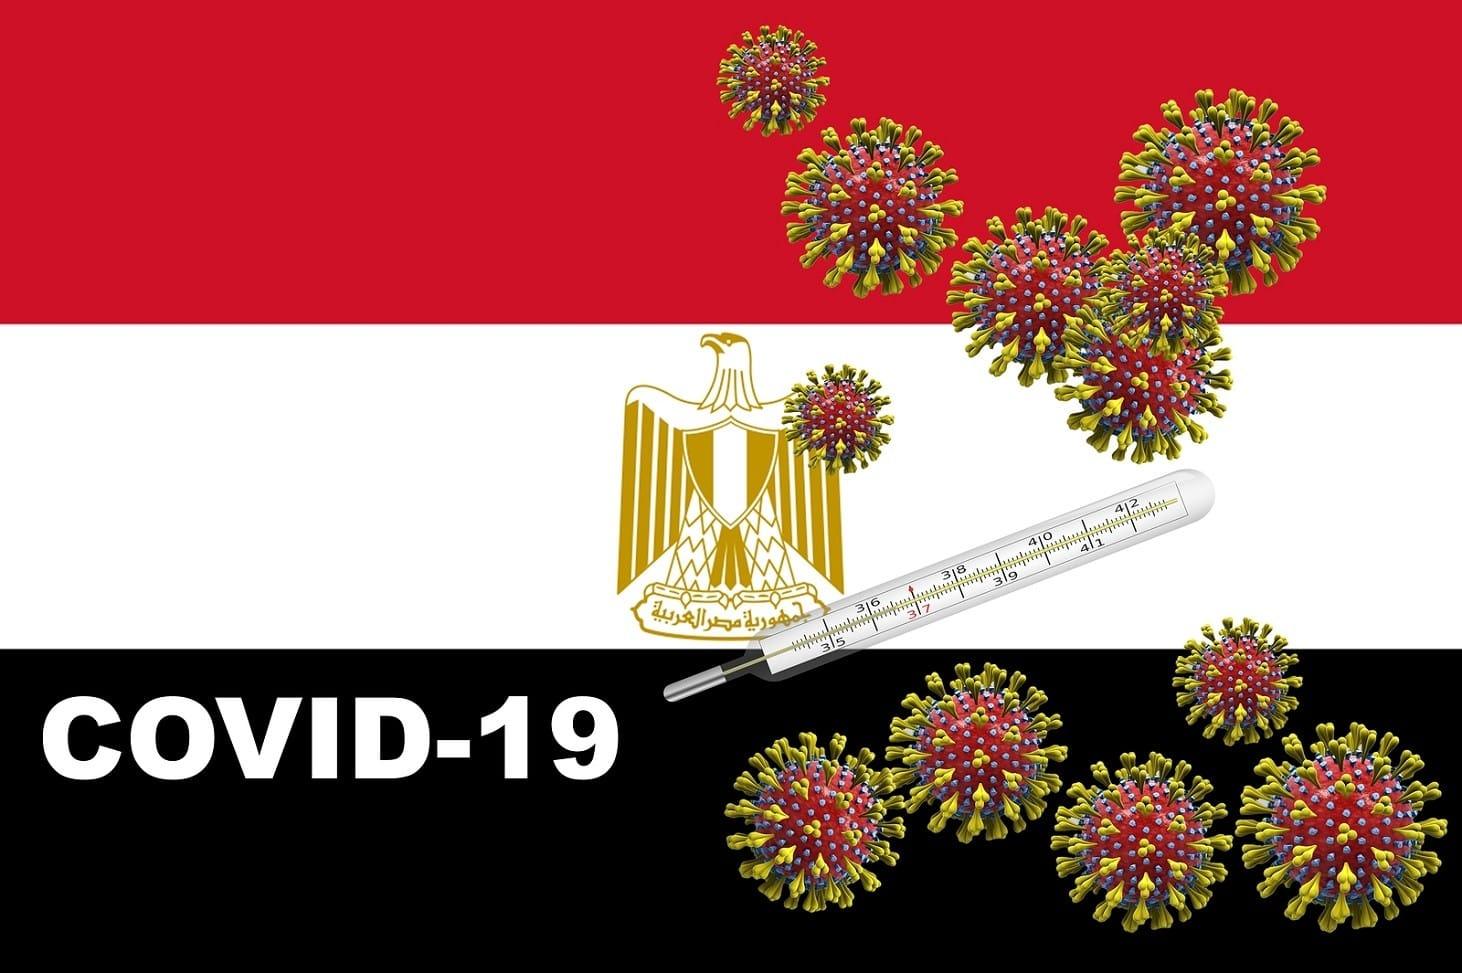 האם מצרים בשליטה על התפרצות הקורונה במדינה? - JISS